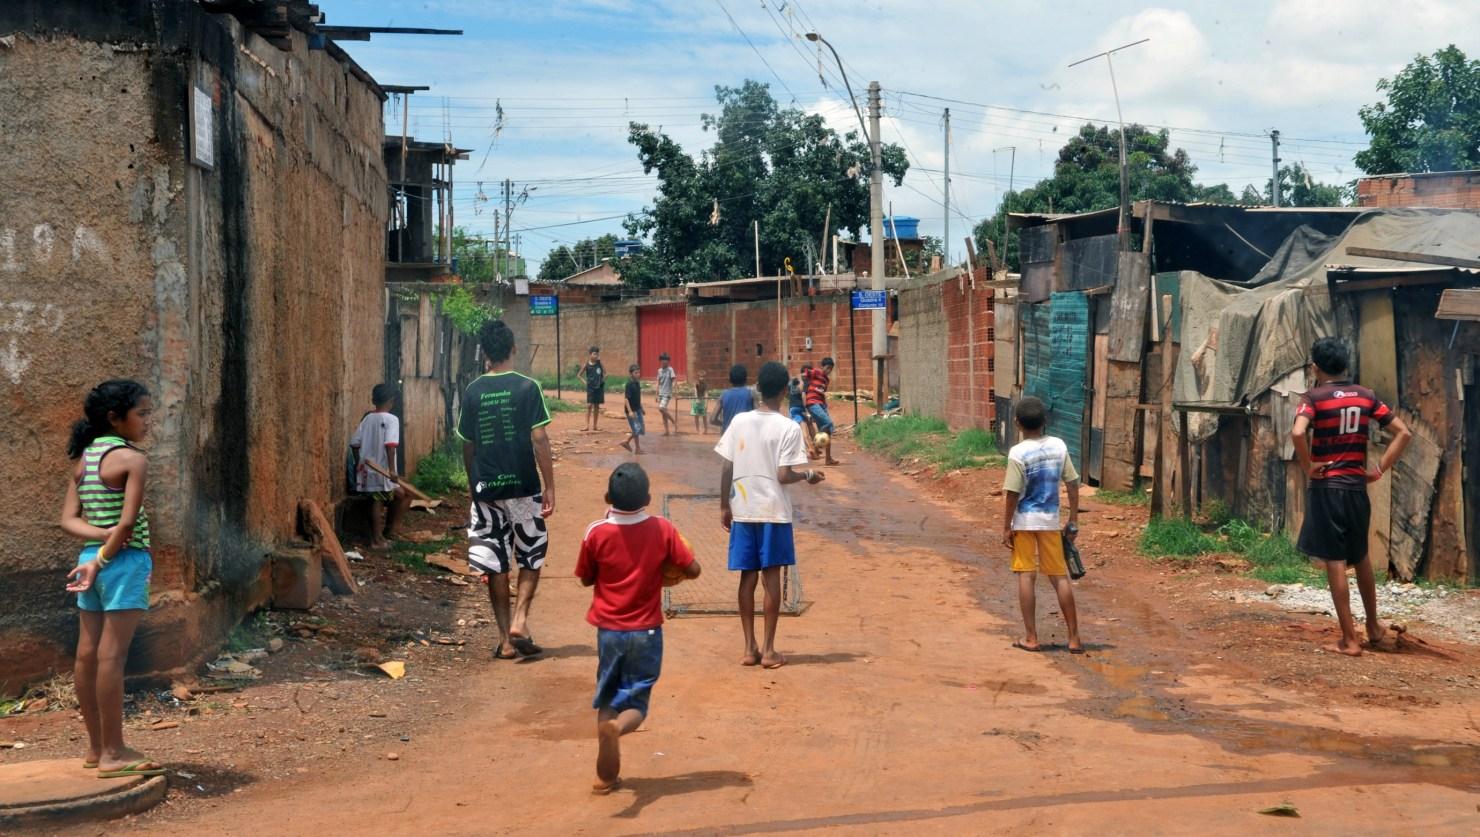 Programas de erradicação da pobreza podem ser avaliados por índice multidimensional